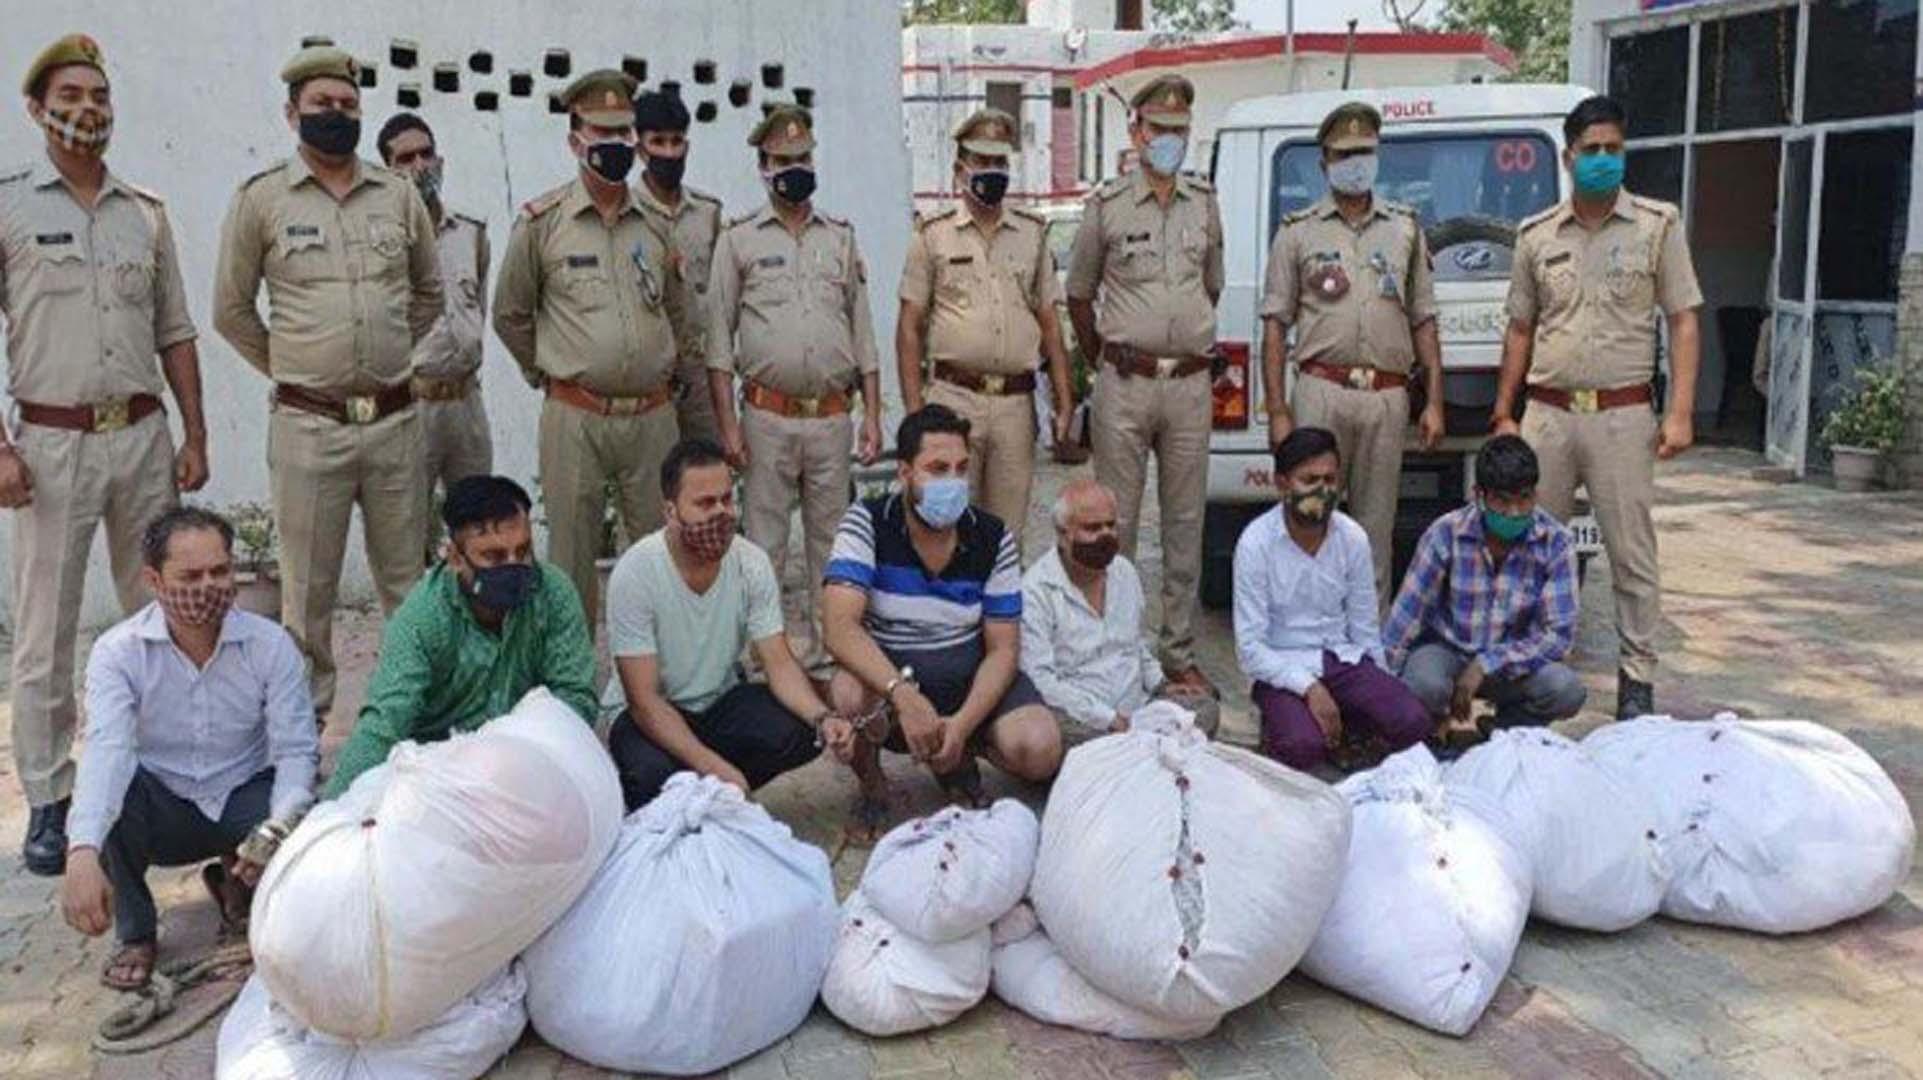 श्मशान घाट से शवों के कपड़े और कफन उतारकर स्टिकर लगाकर नए की तरह पैक करके बेचते थे, सात लोग गिरफ्तार